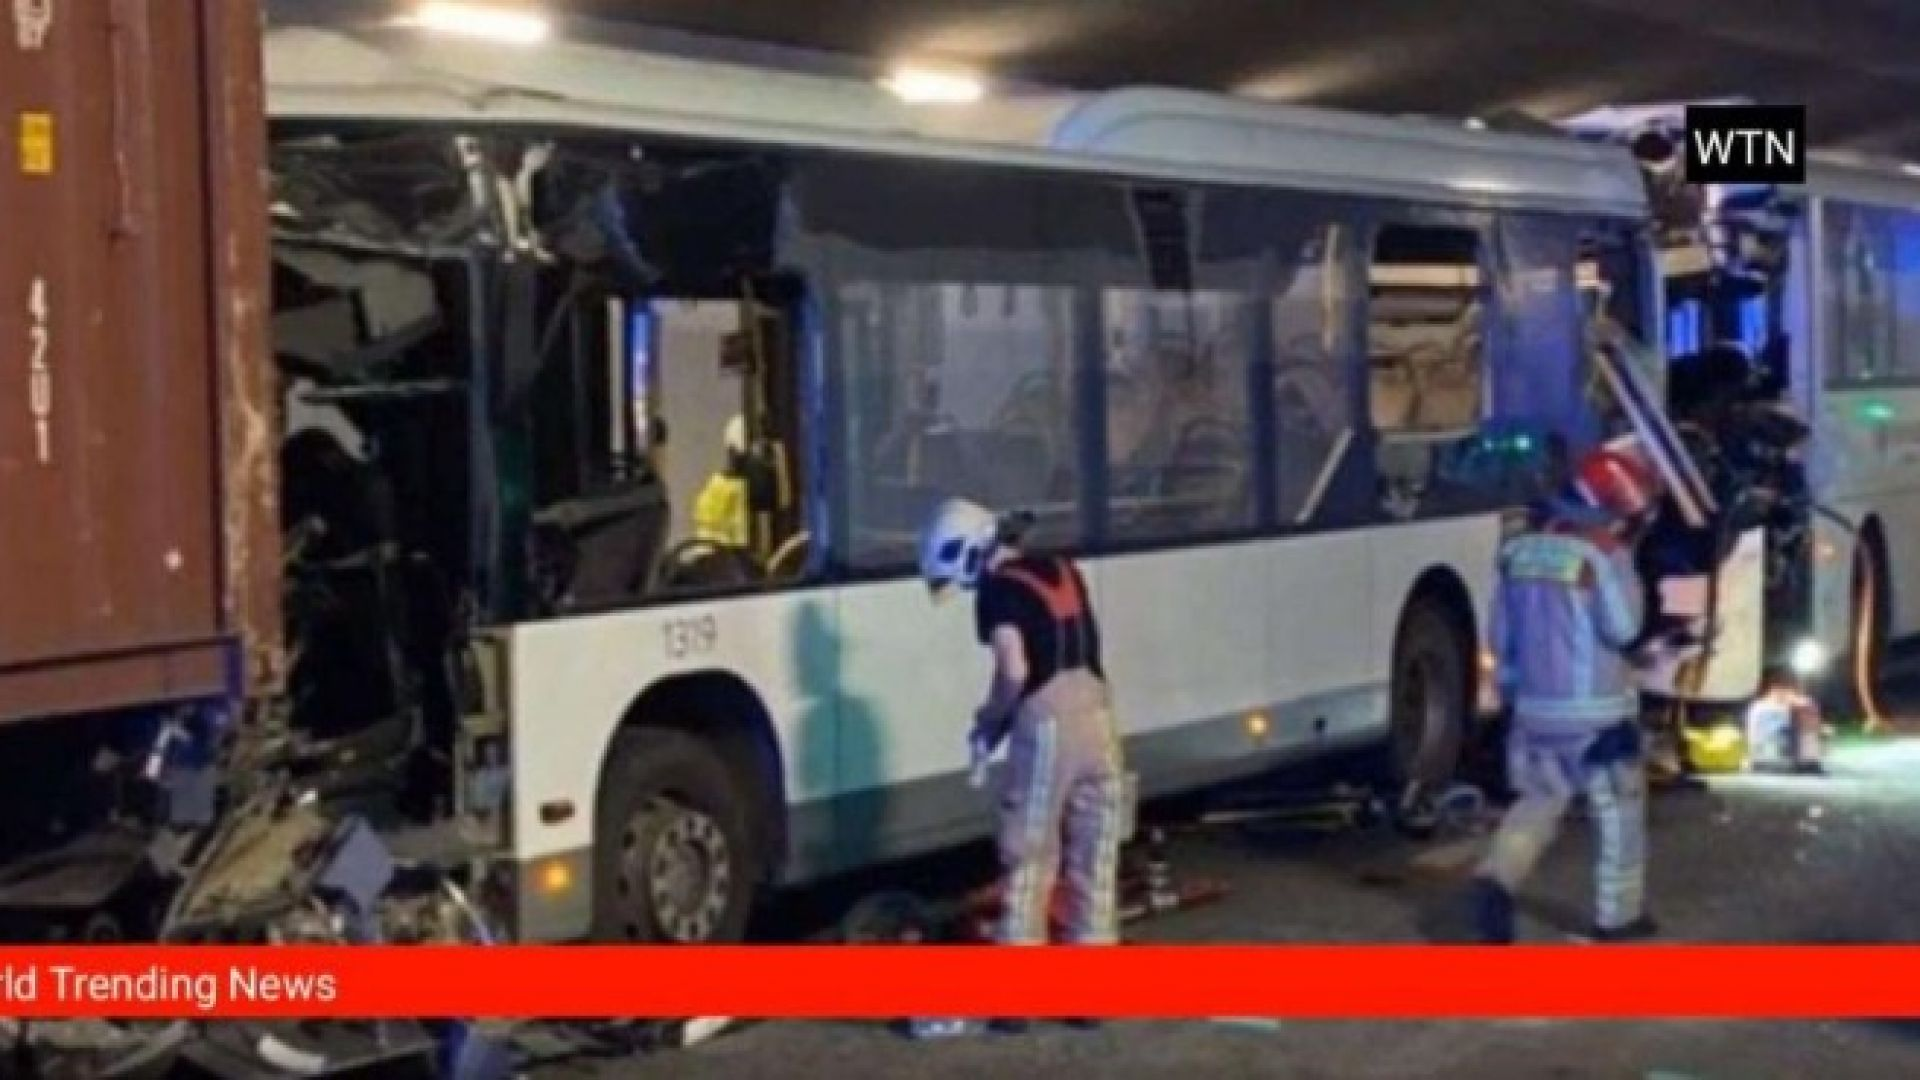 Българин е предизвикал верижна катастрофа с жертва и ранени в Белгия